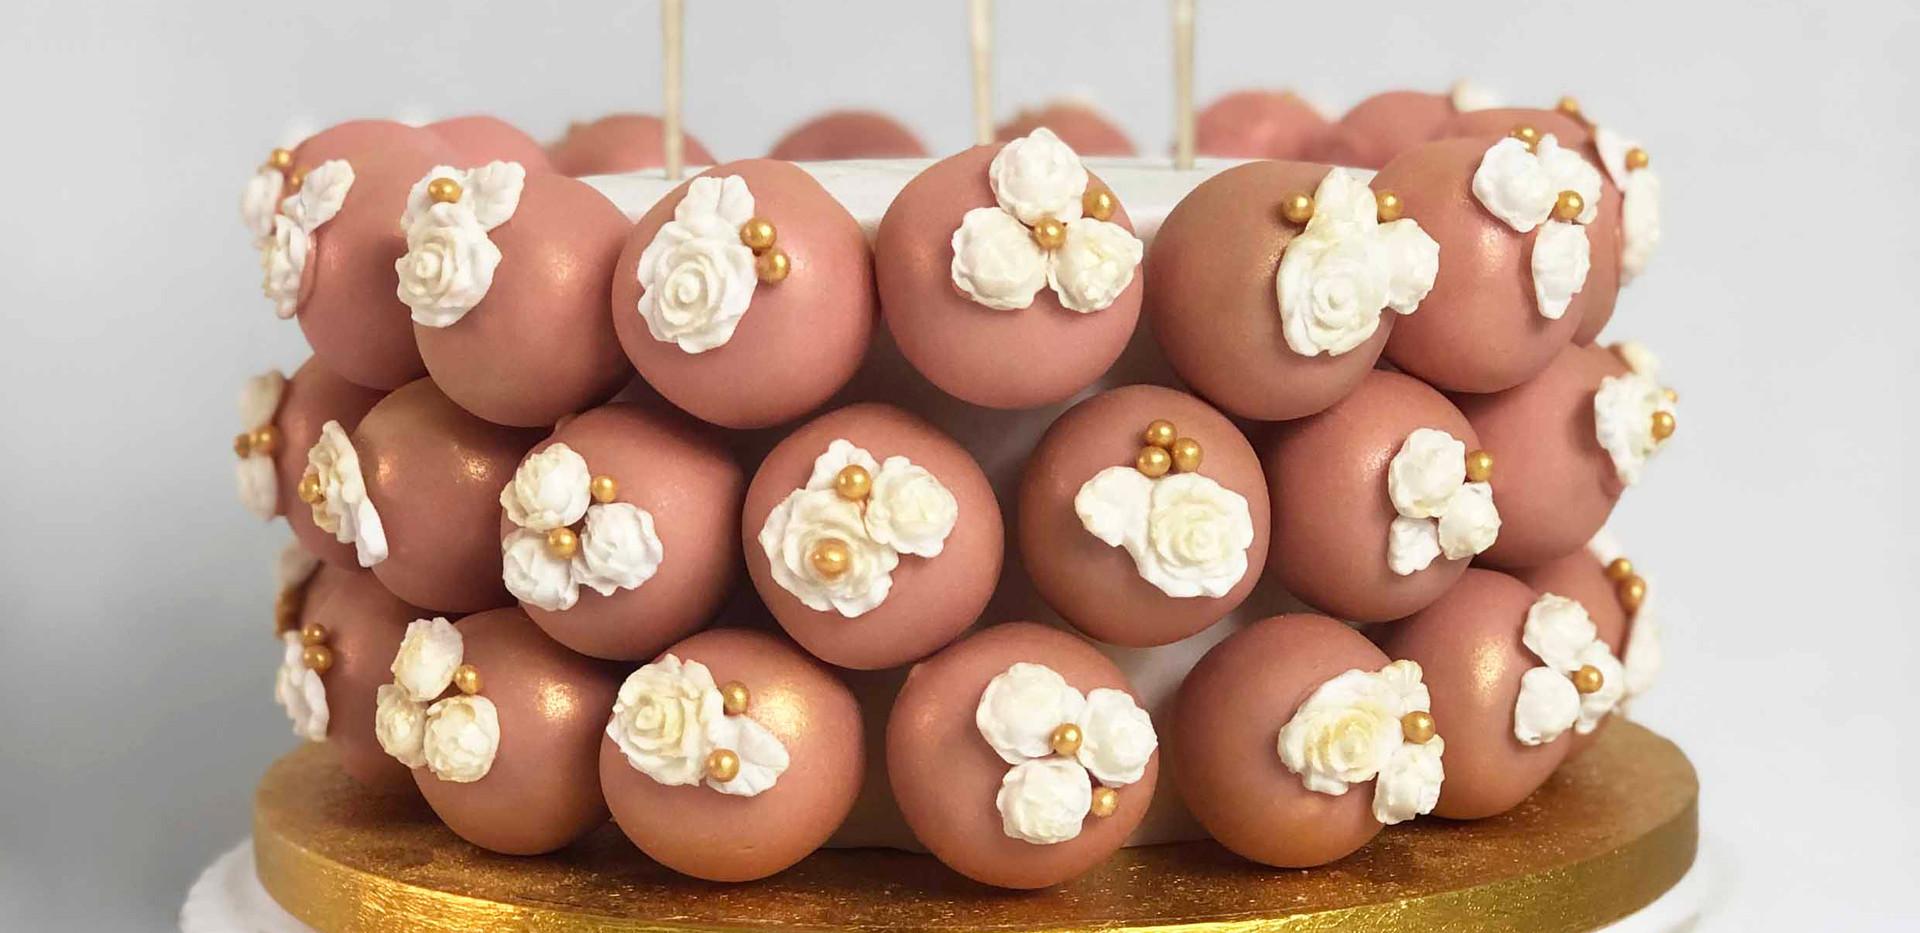 Love Celebration Cake Image 1 with LOGO